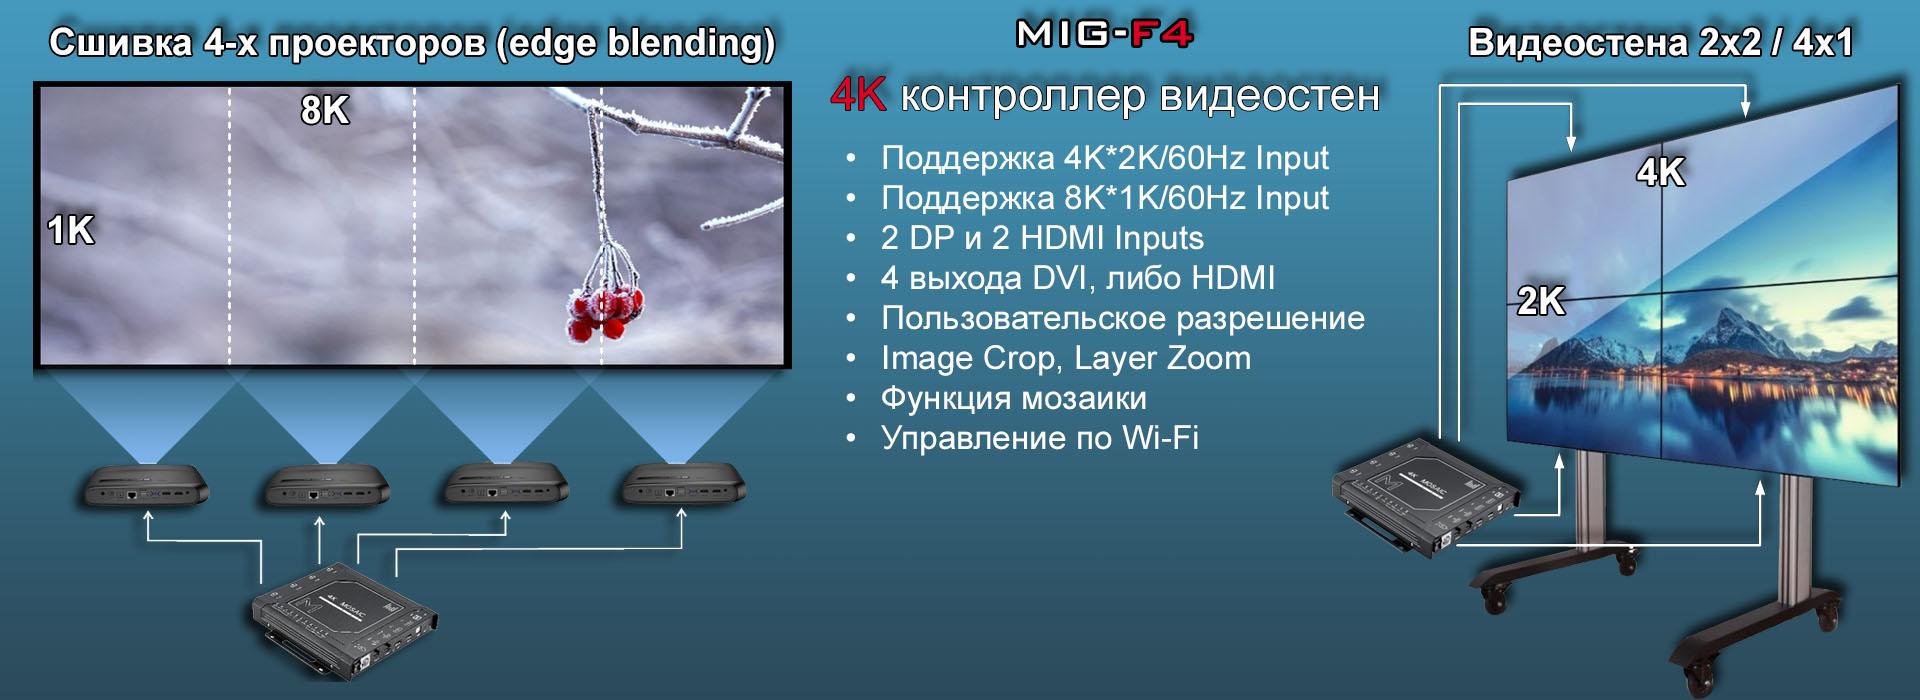 Контроллер видеостены 8Kx1K/4Kx2K Magnimage MIG-F4